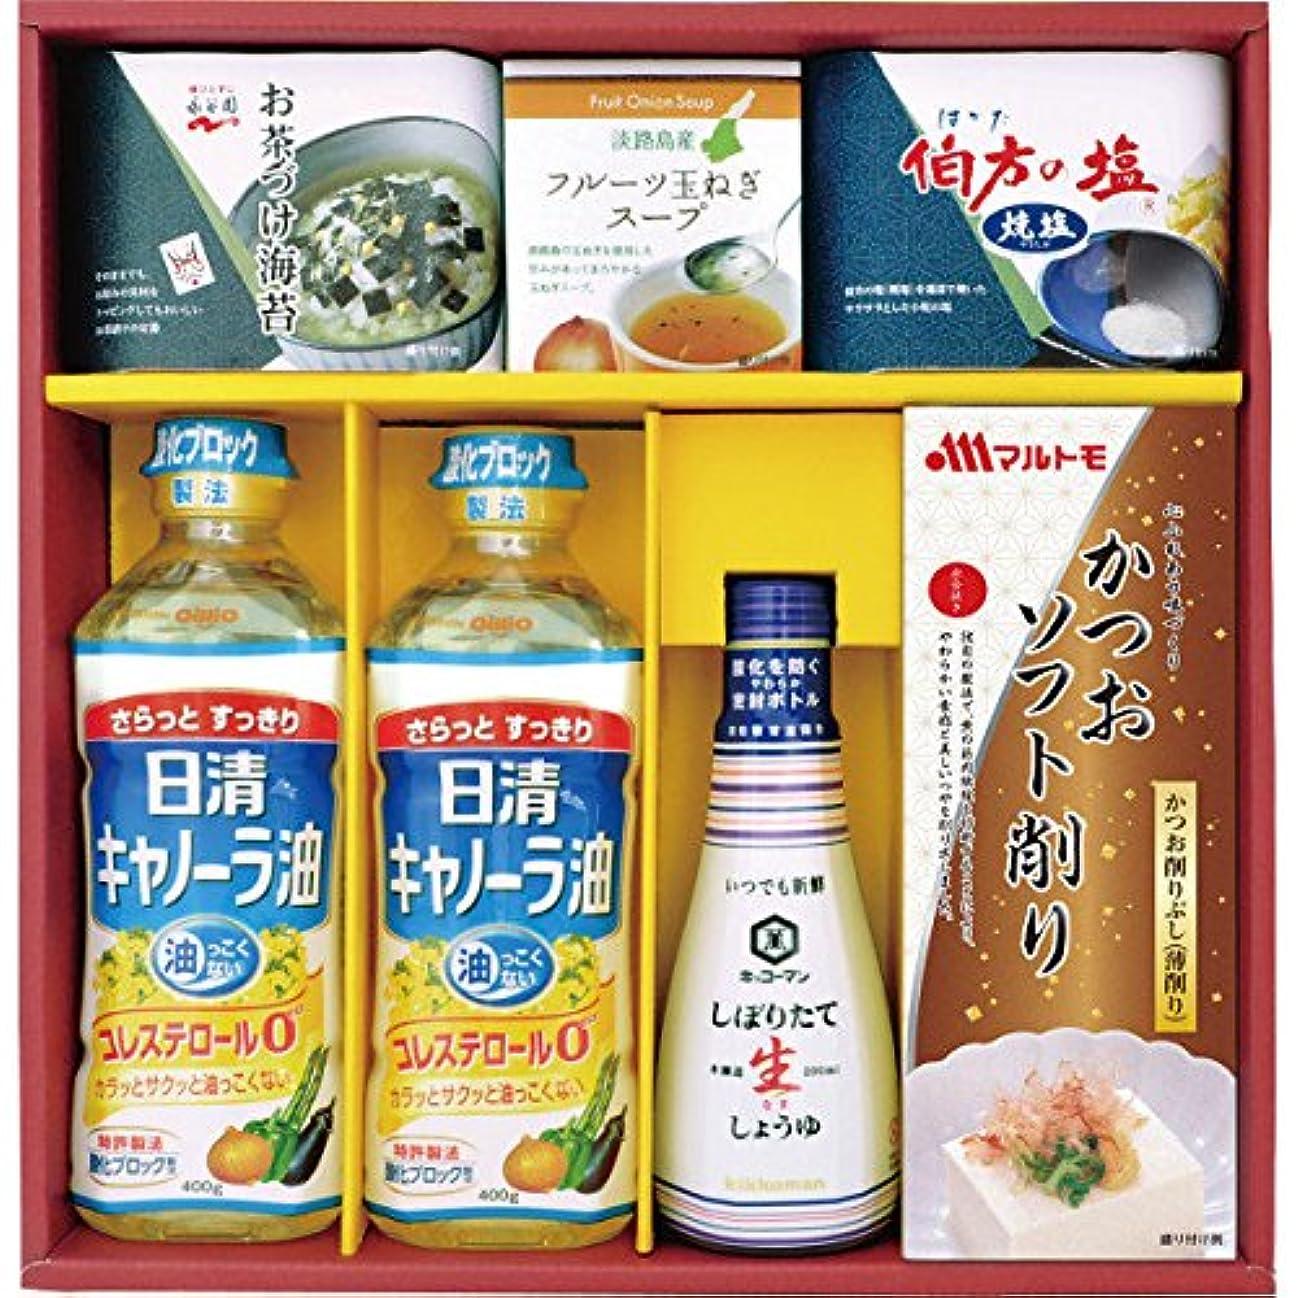 ビルマ良さ複雑な調味料セレクトギフト B189-03